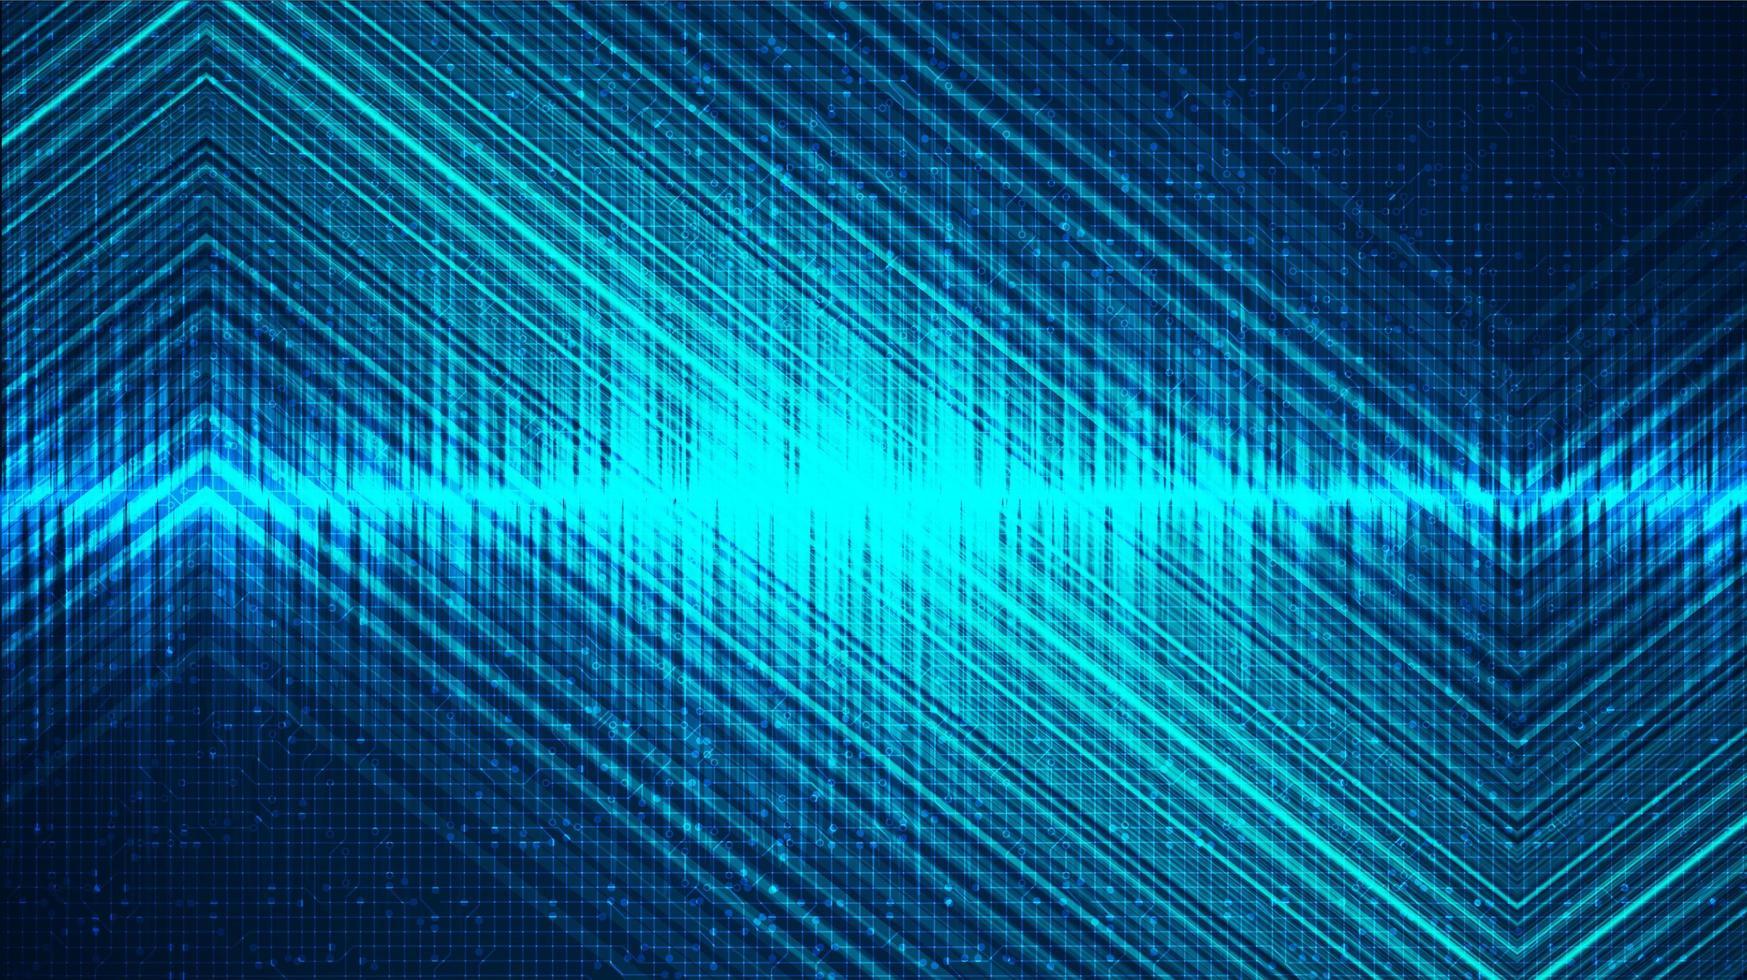 Fondo de onda de sonido digital de luz, tecnología y concepto de diagrama de onda de terremoto vector